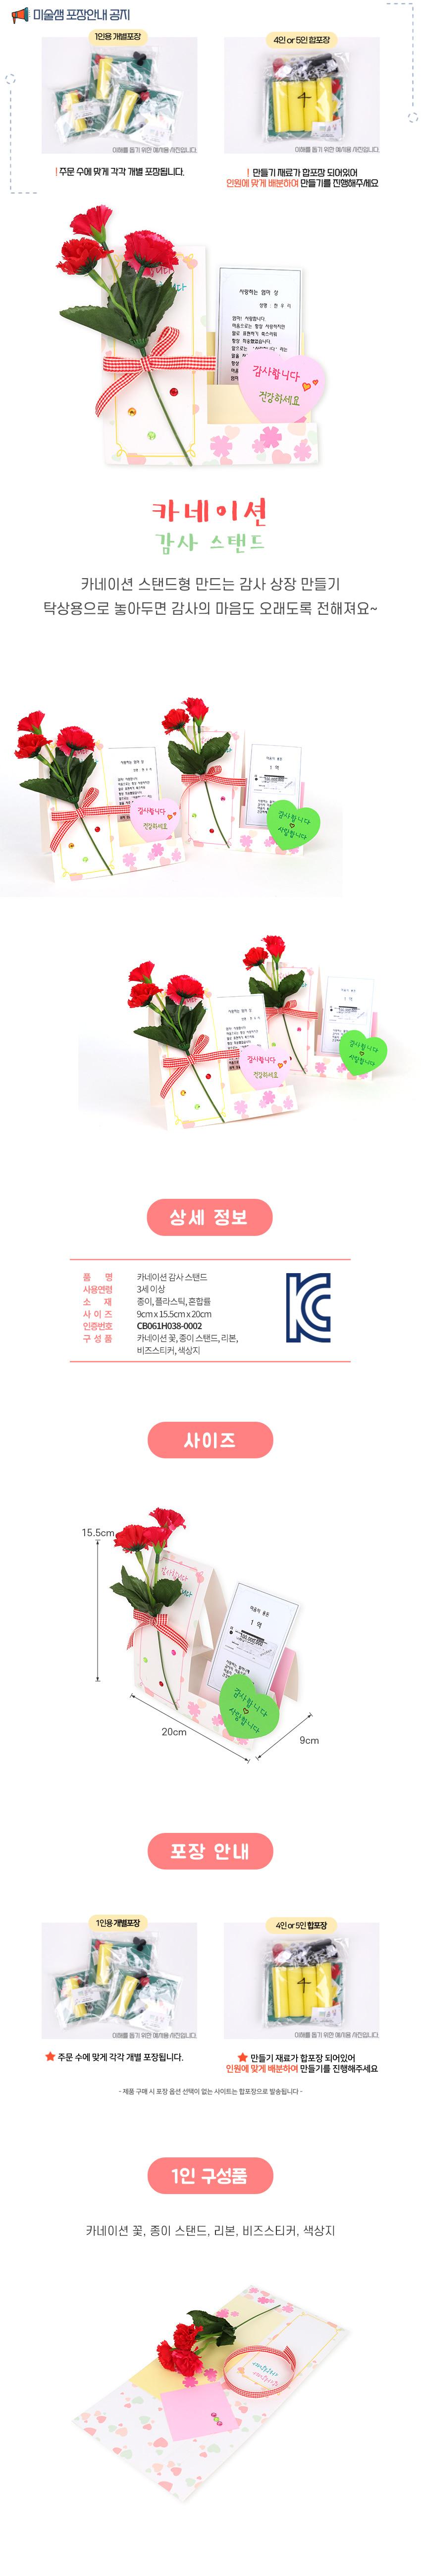 카네이션 감사 스탠드 5인용 - 미술샘, 9,000원, 종이공예/북아트, 종이공예 패키지